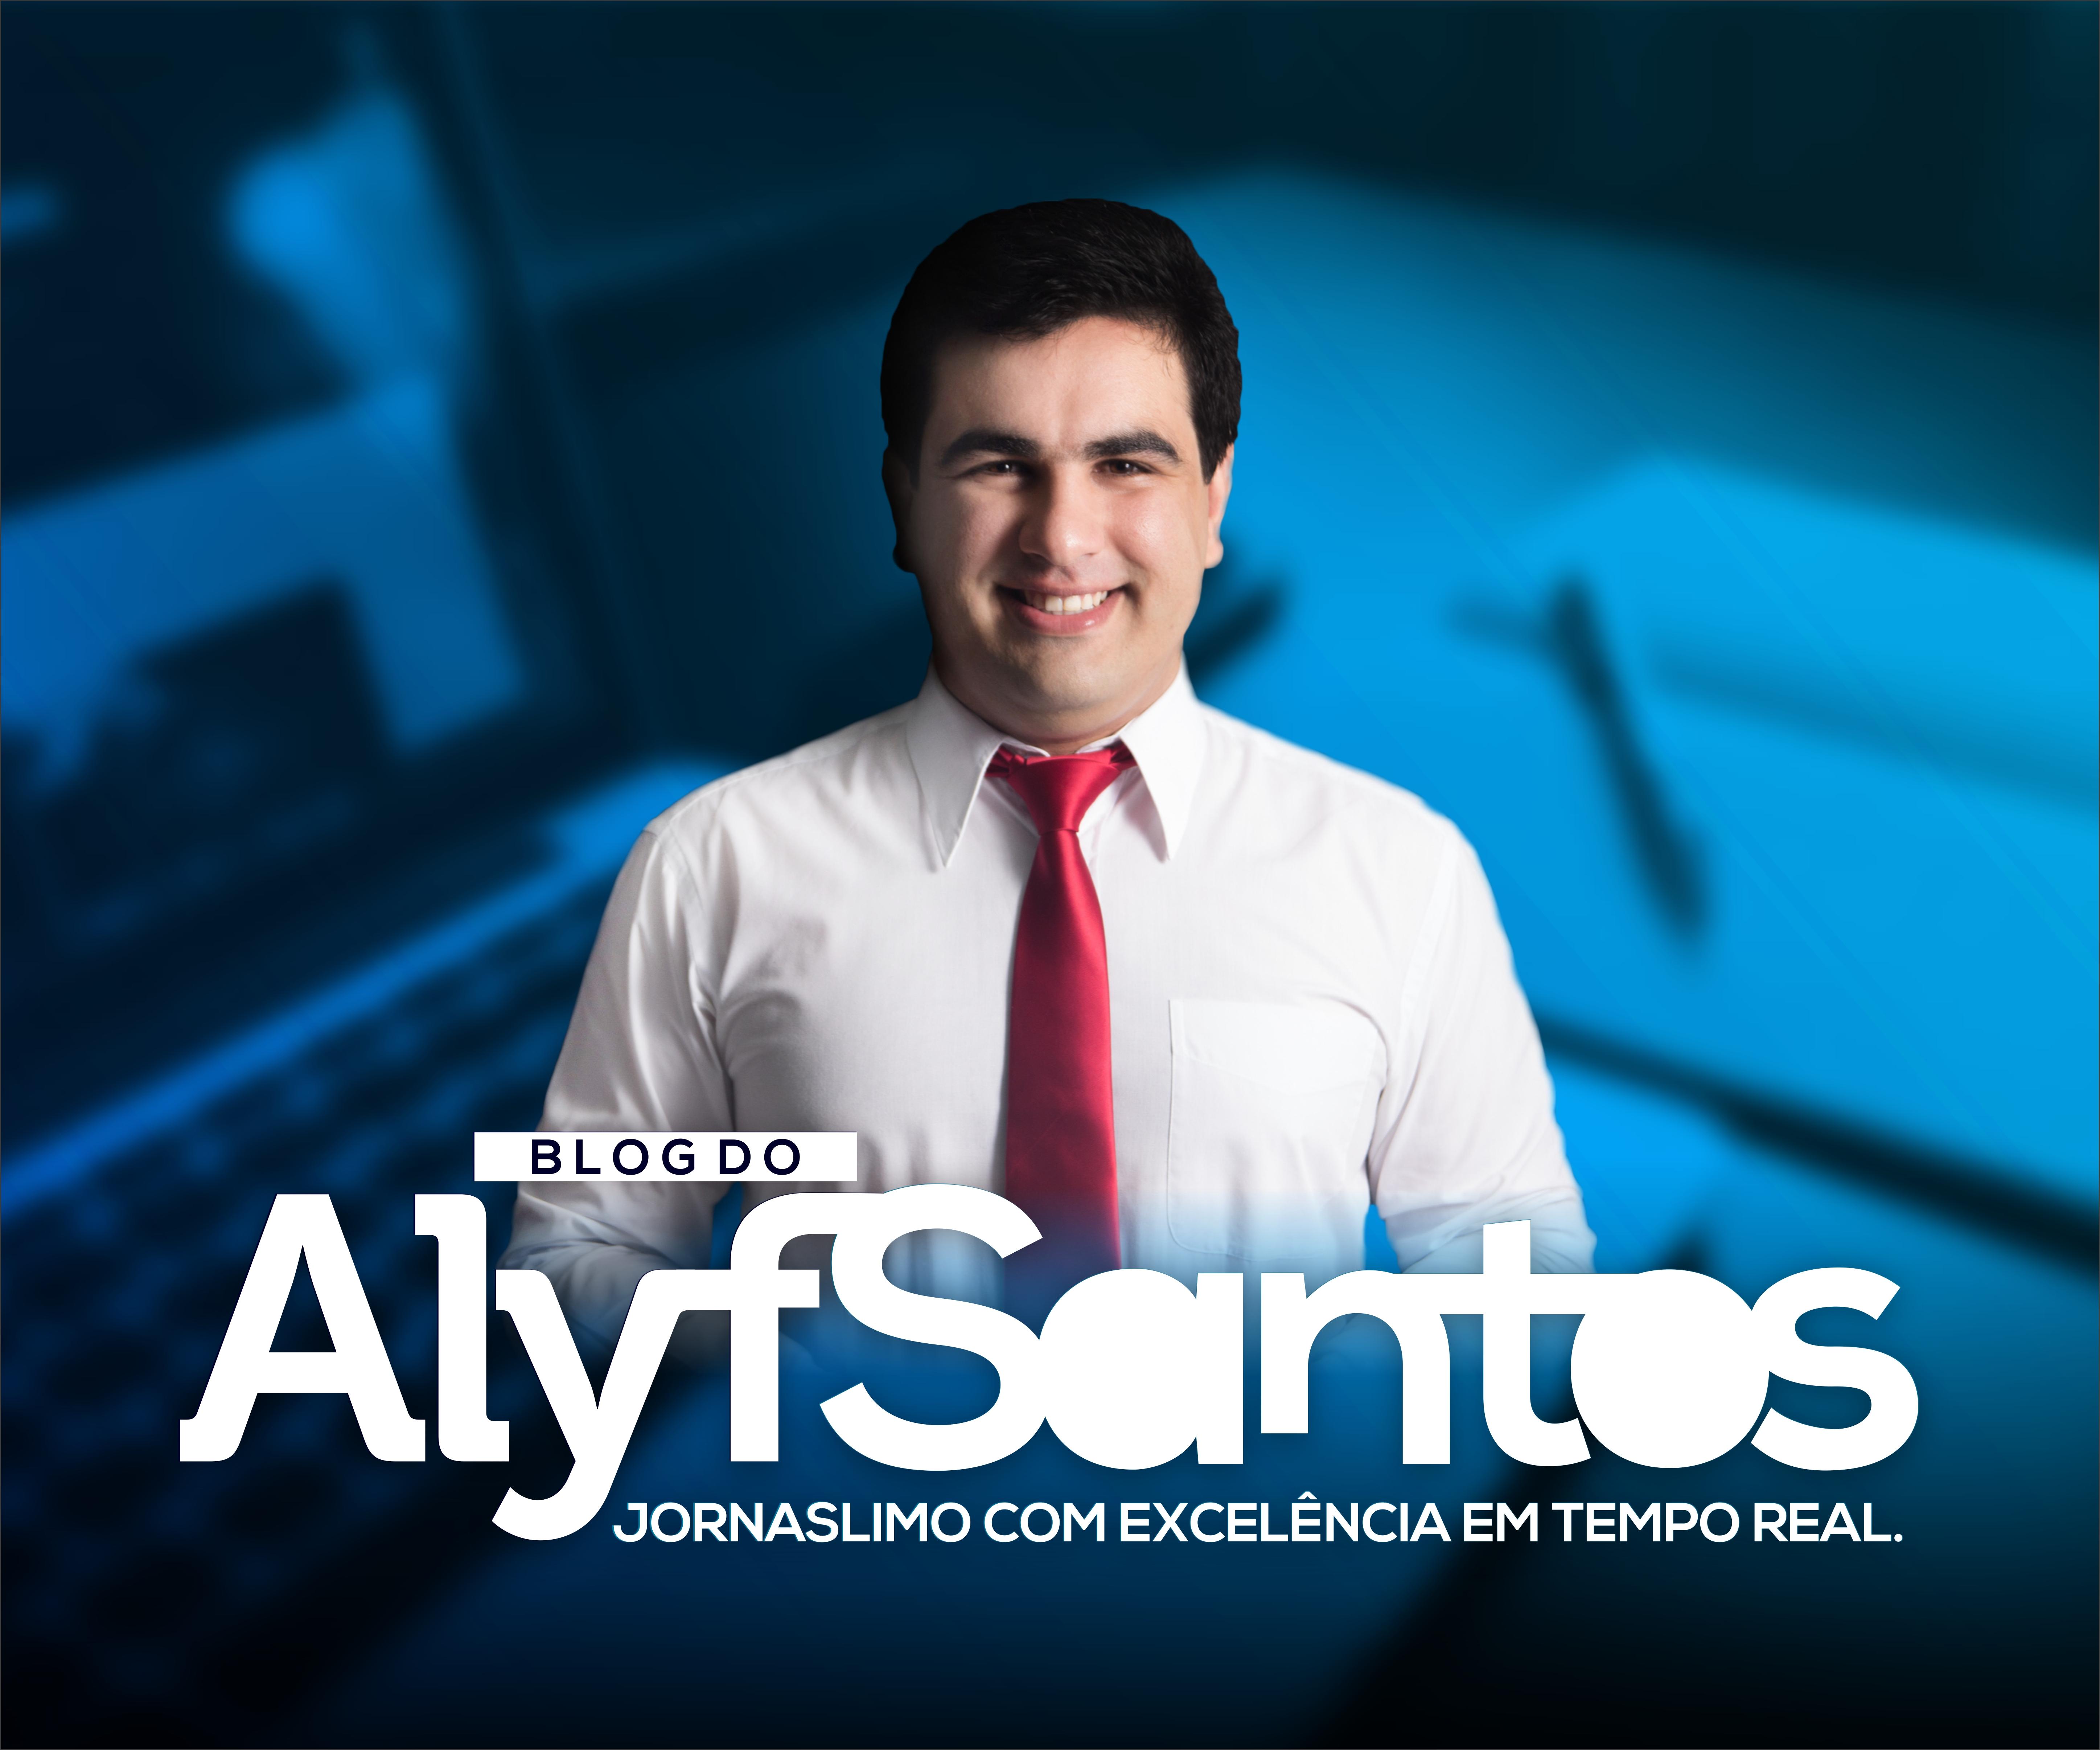 Blog do Alyf Santos